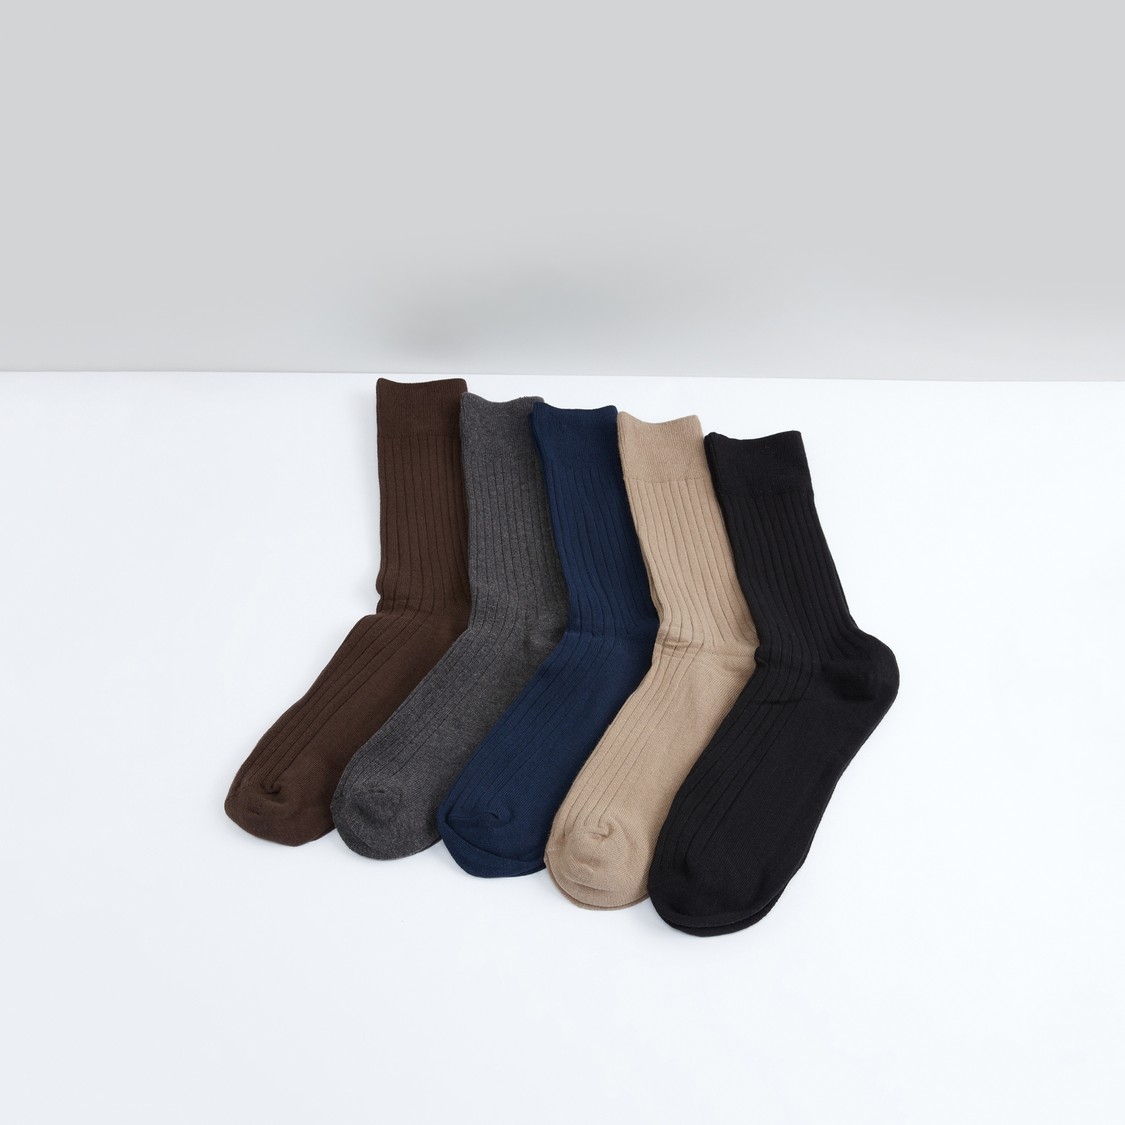 جوارب قصيرة بارزة الملمس - طقم من 5 أزواج